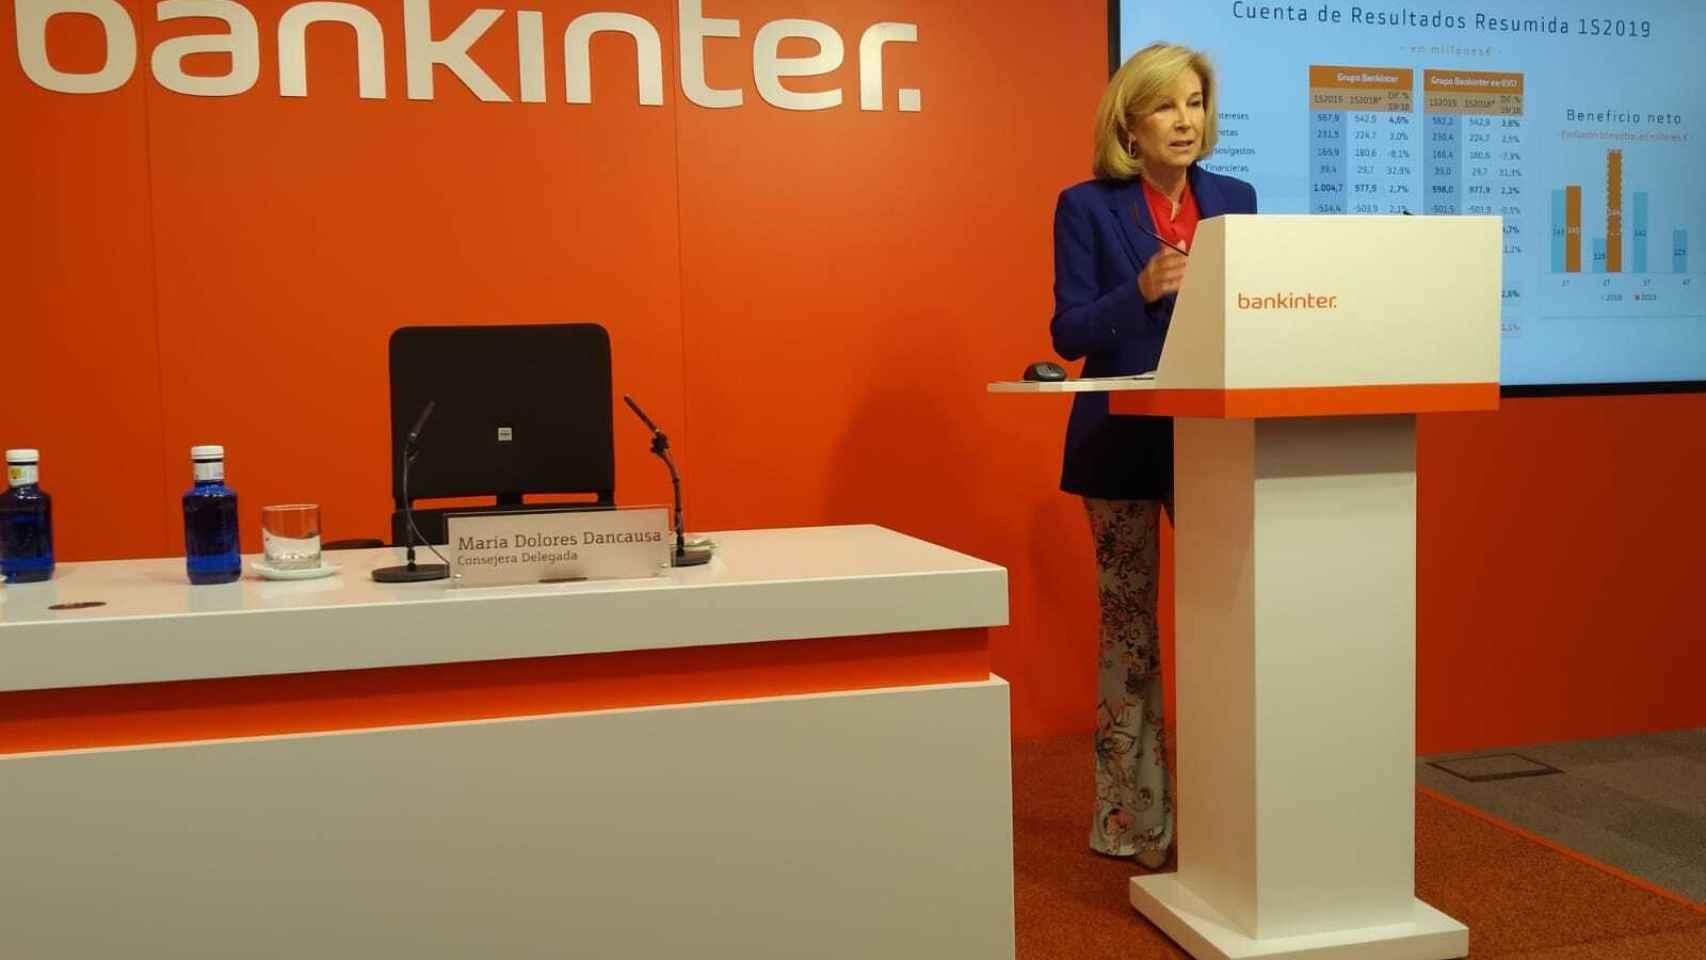 La consejera delegada de Bankinter, María Dolores Dancausa, en la rueda de prensa de los resultados.